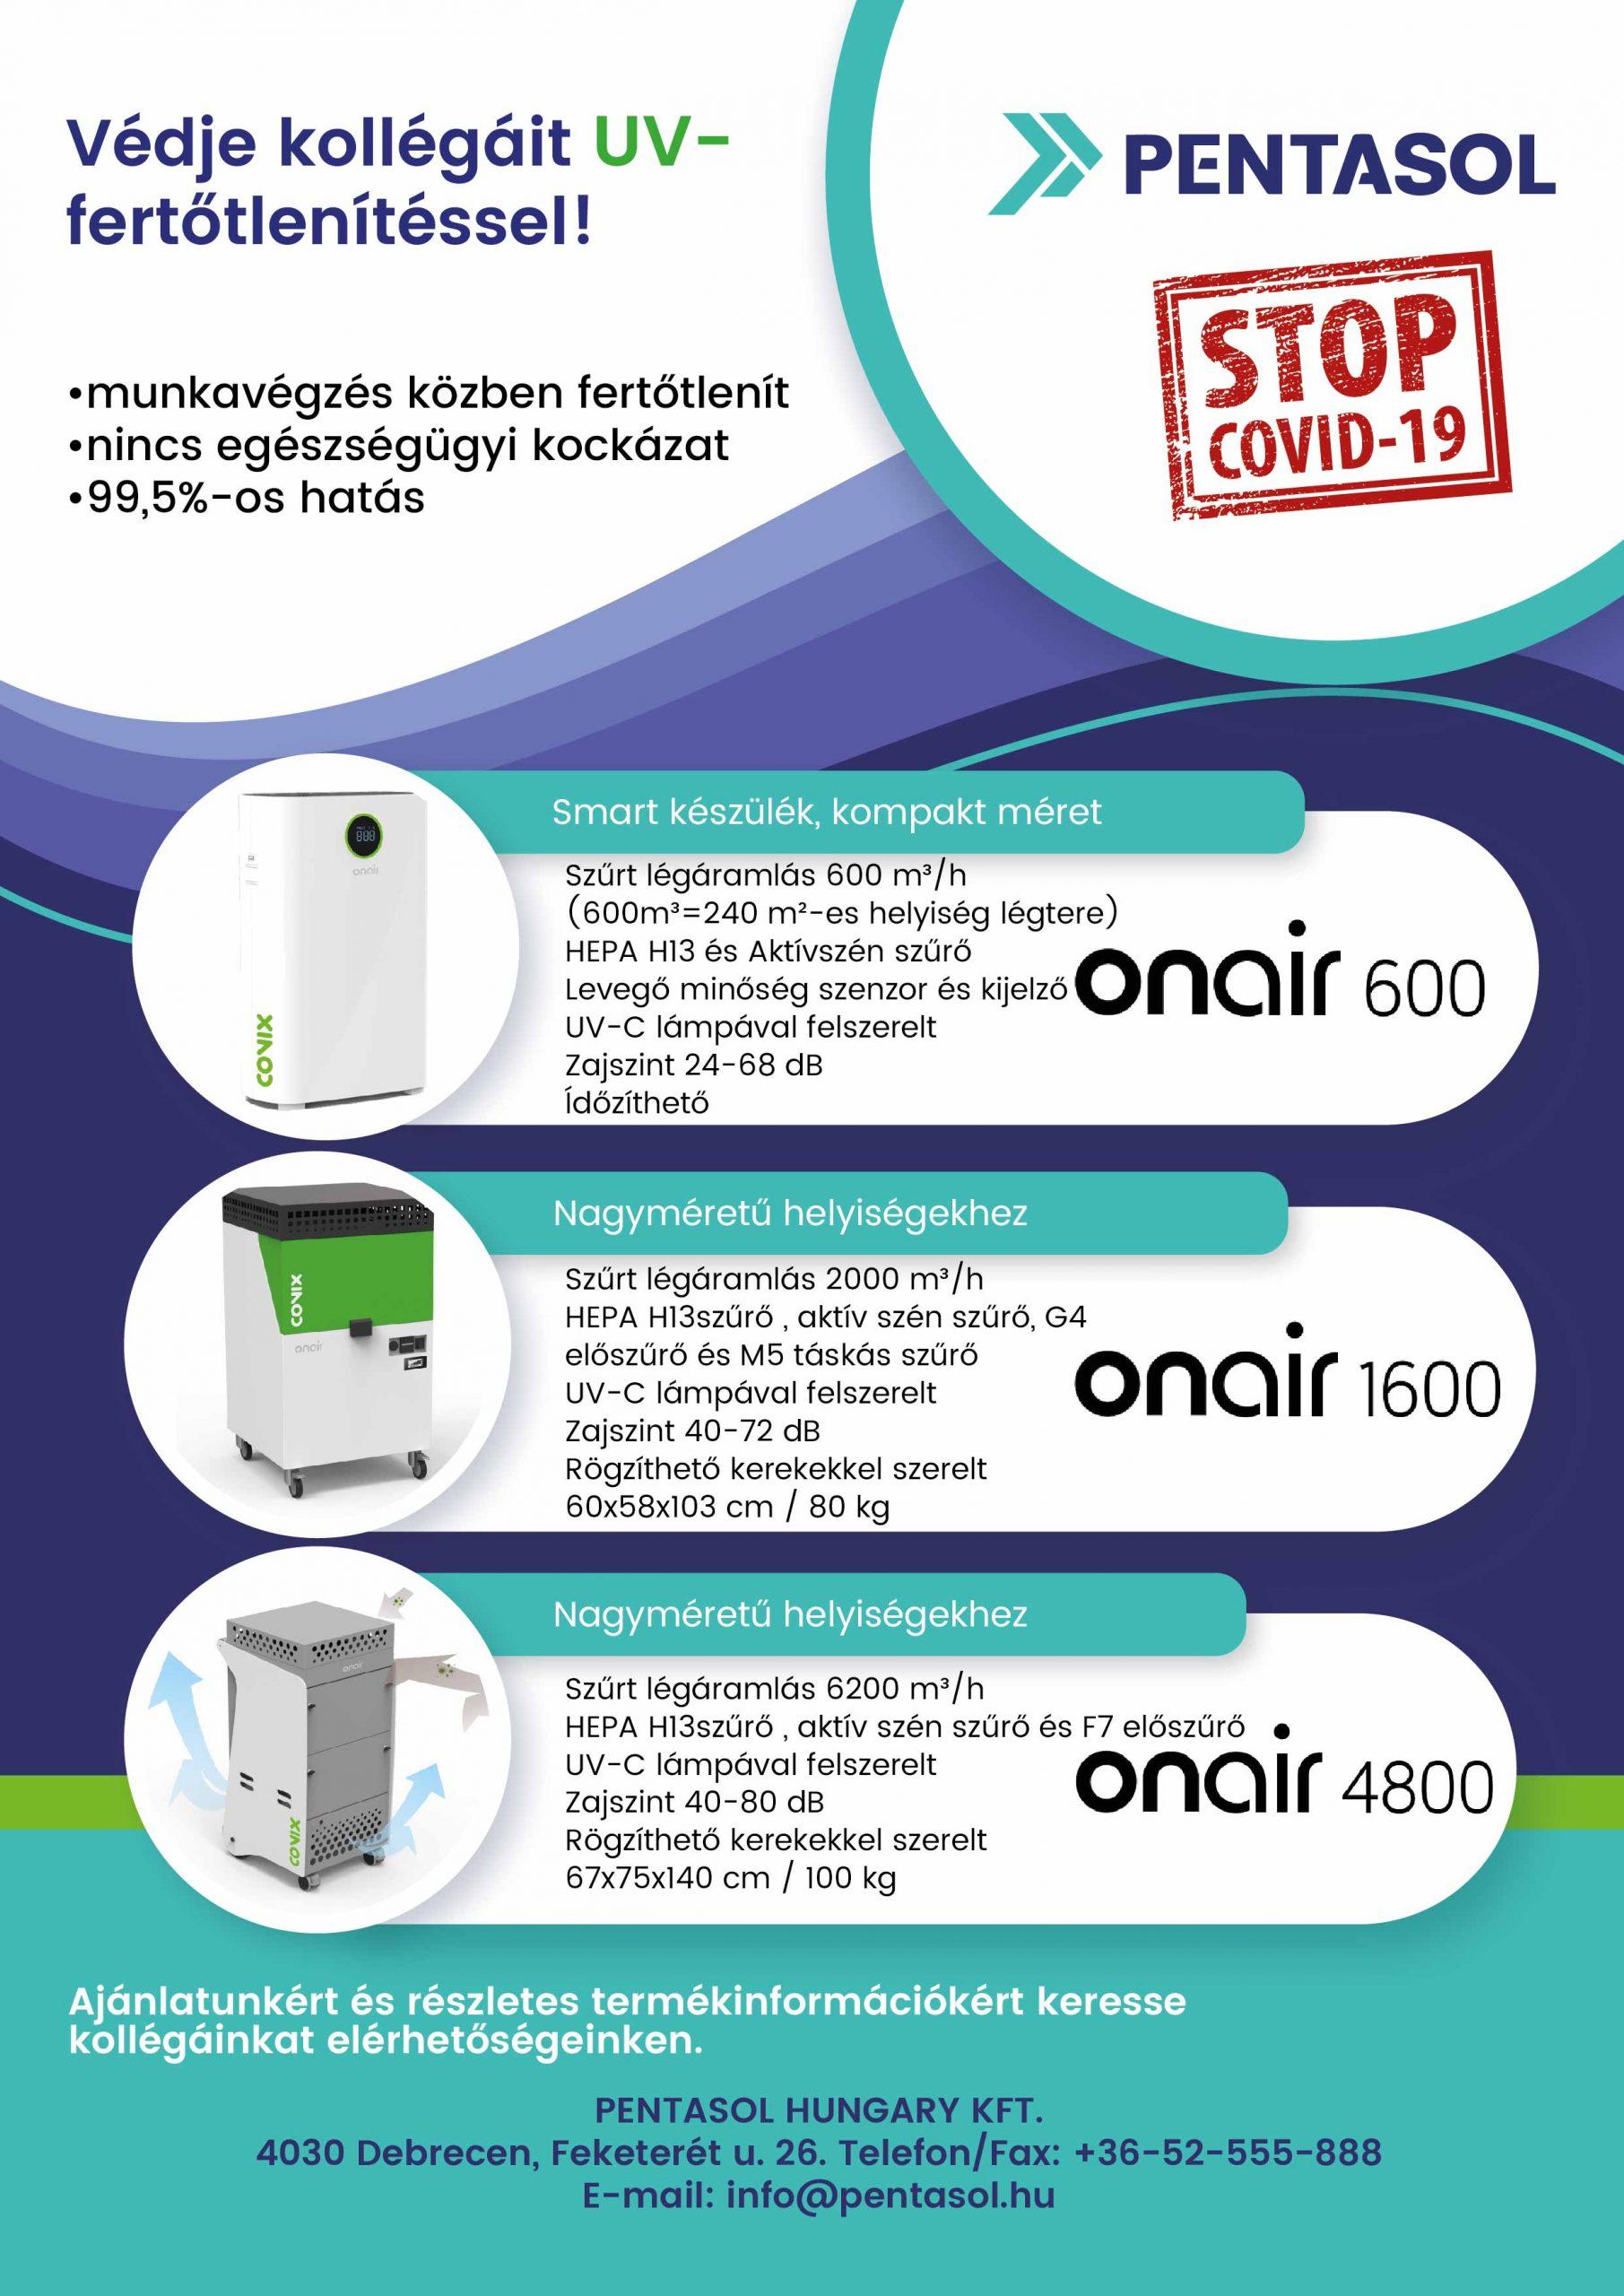 UV-fertőtlenítő, légtisztító készülékek